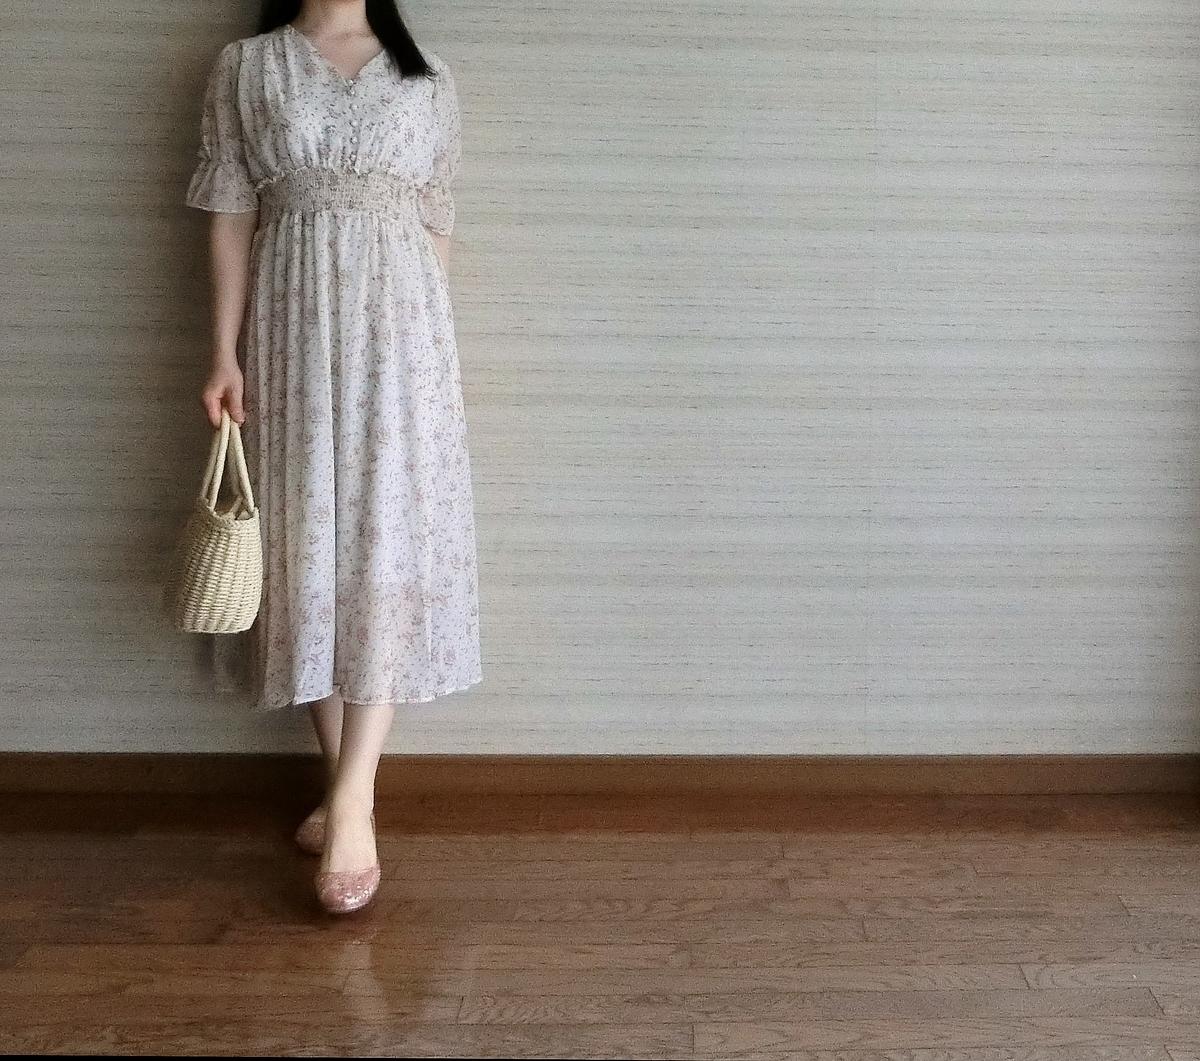 f:id:yasukawafashion:20210817114246j:plain